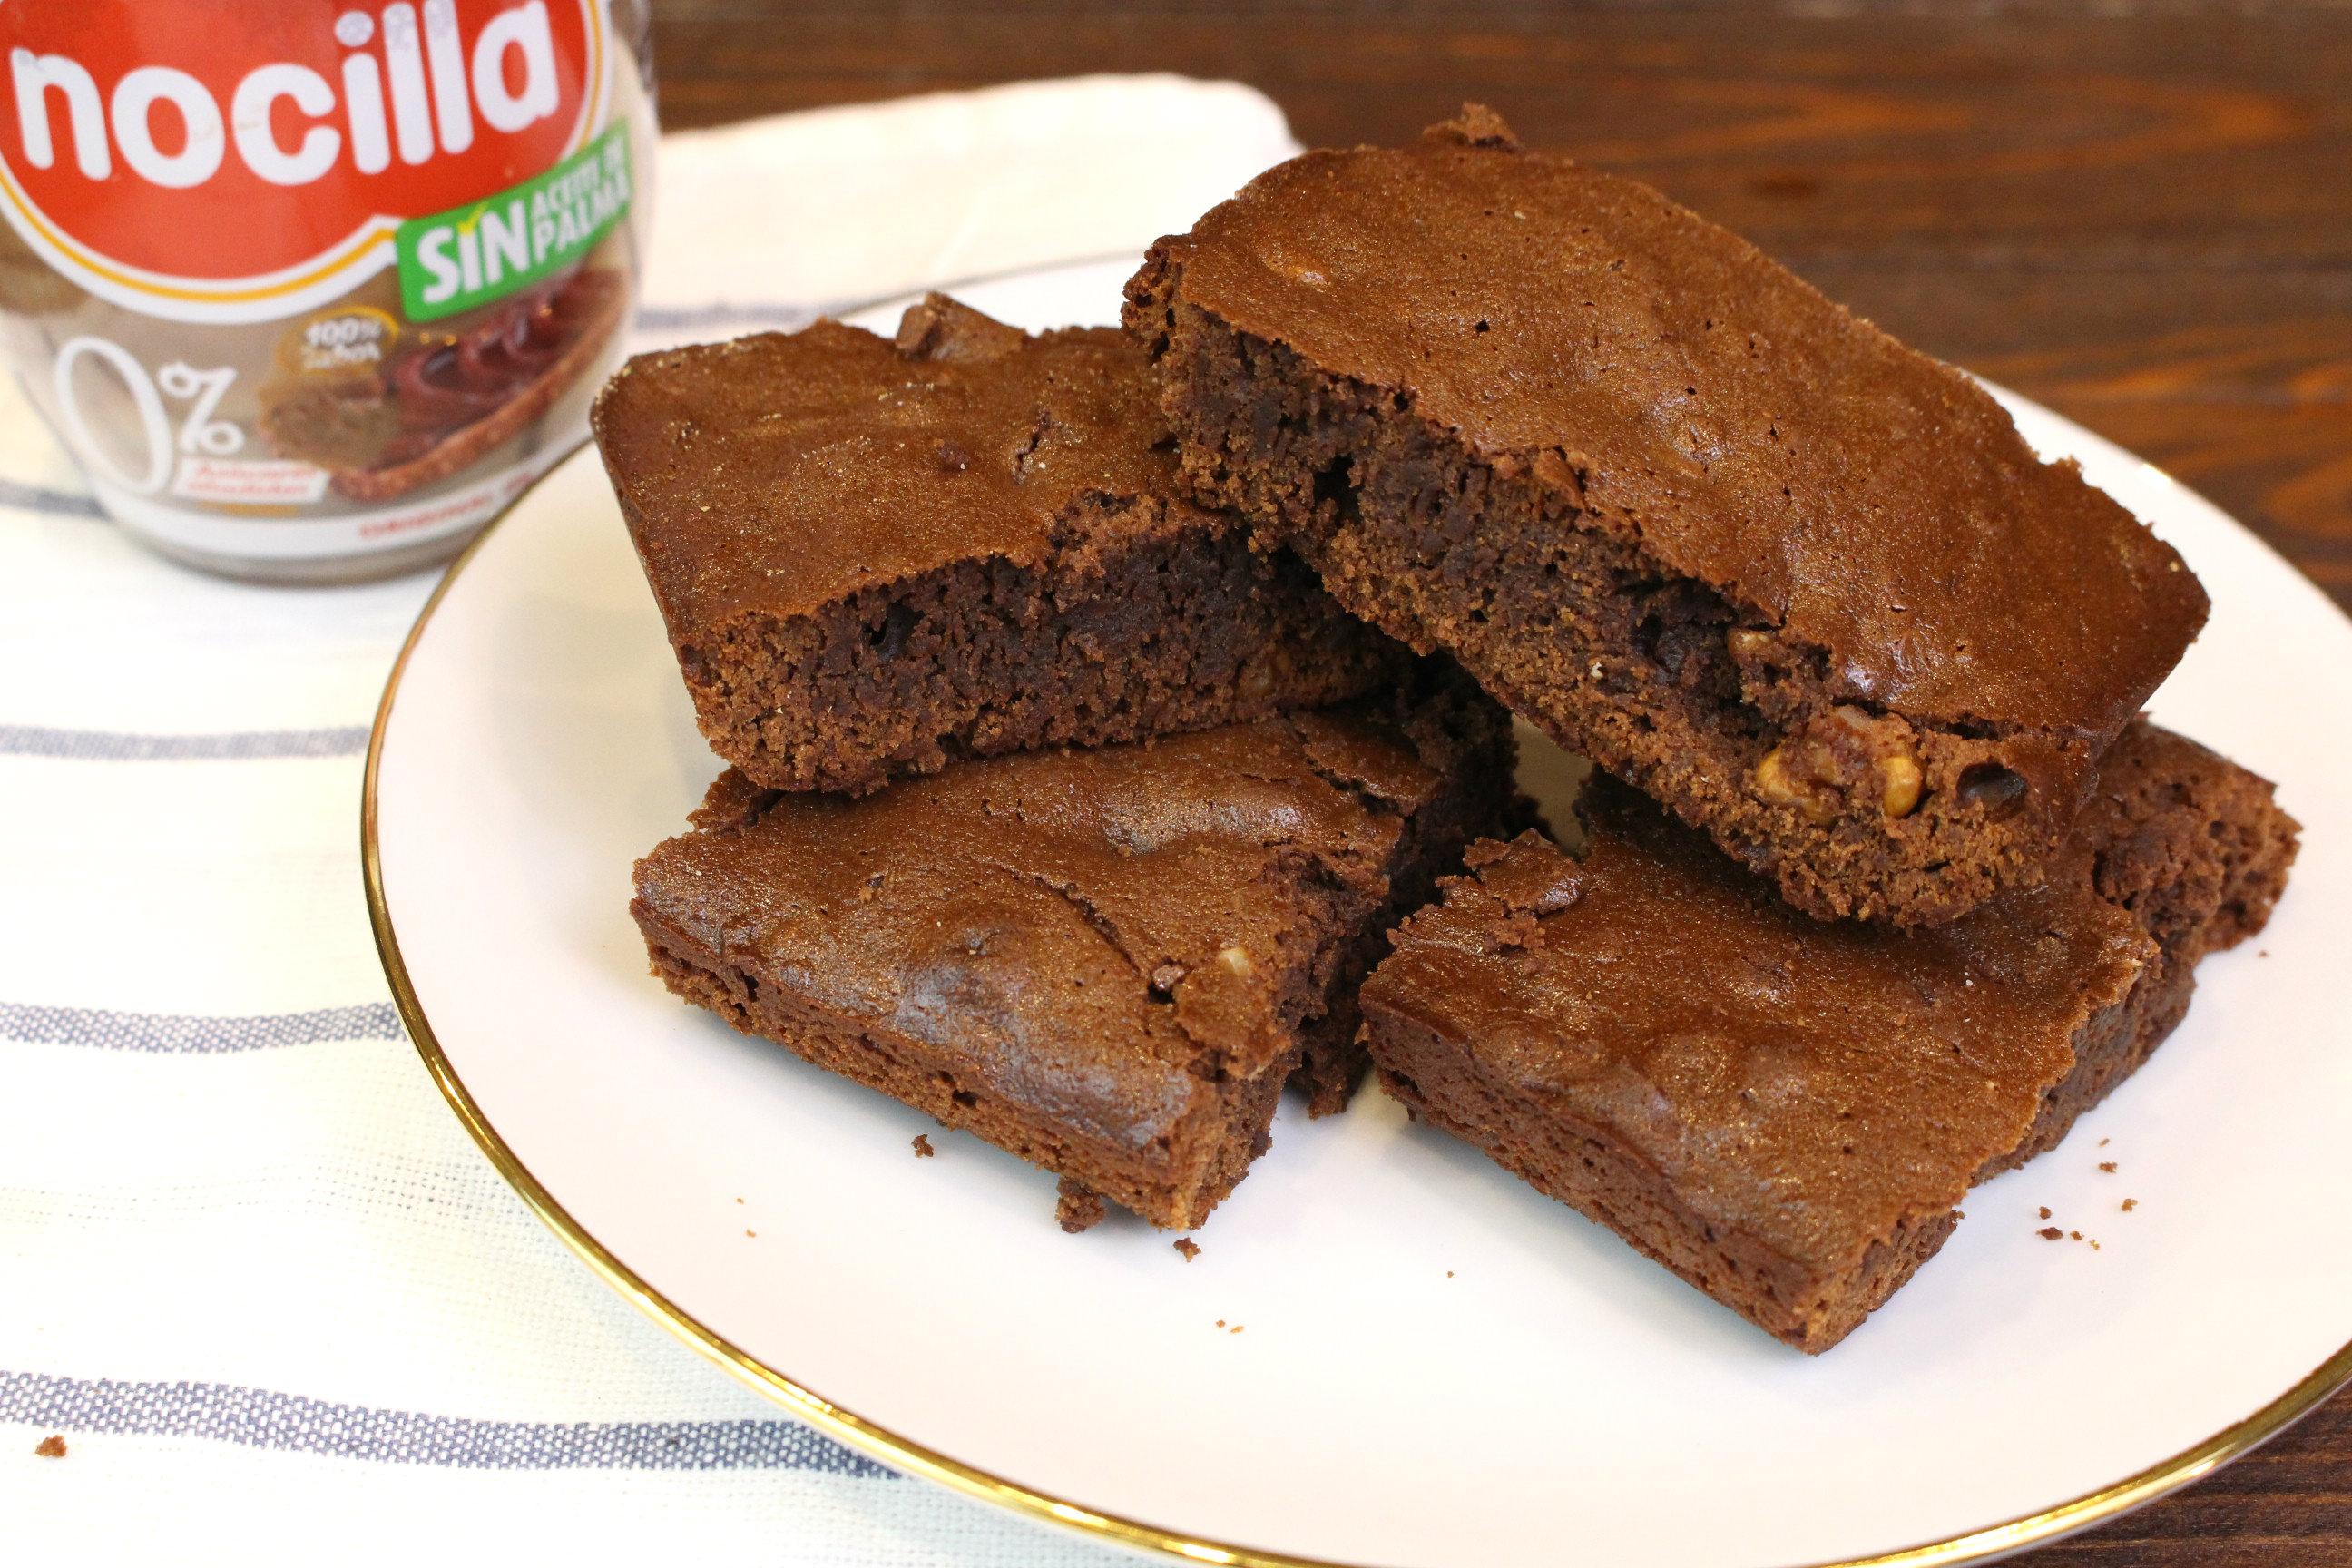 Receta de brownie de Nocilla con 3 ingredientes